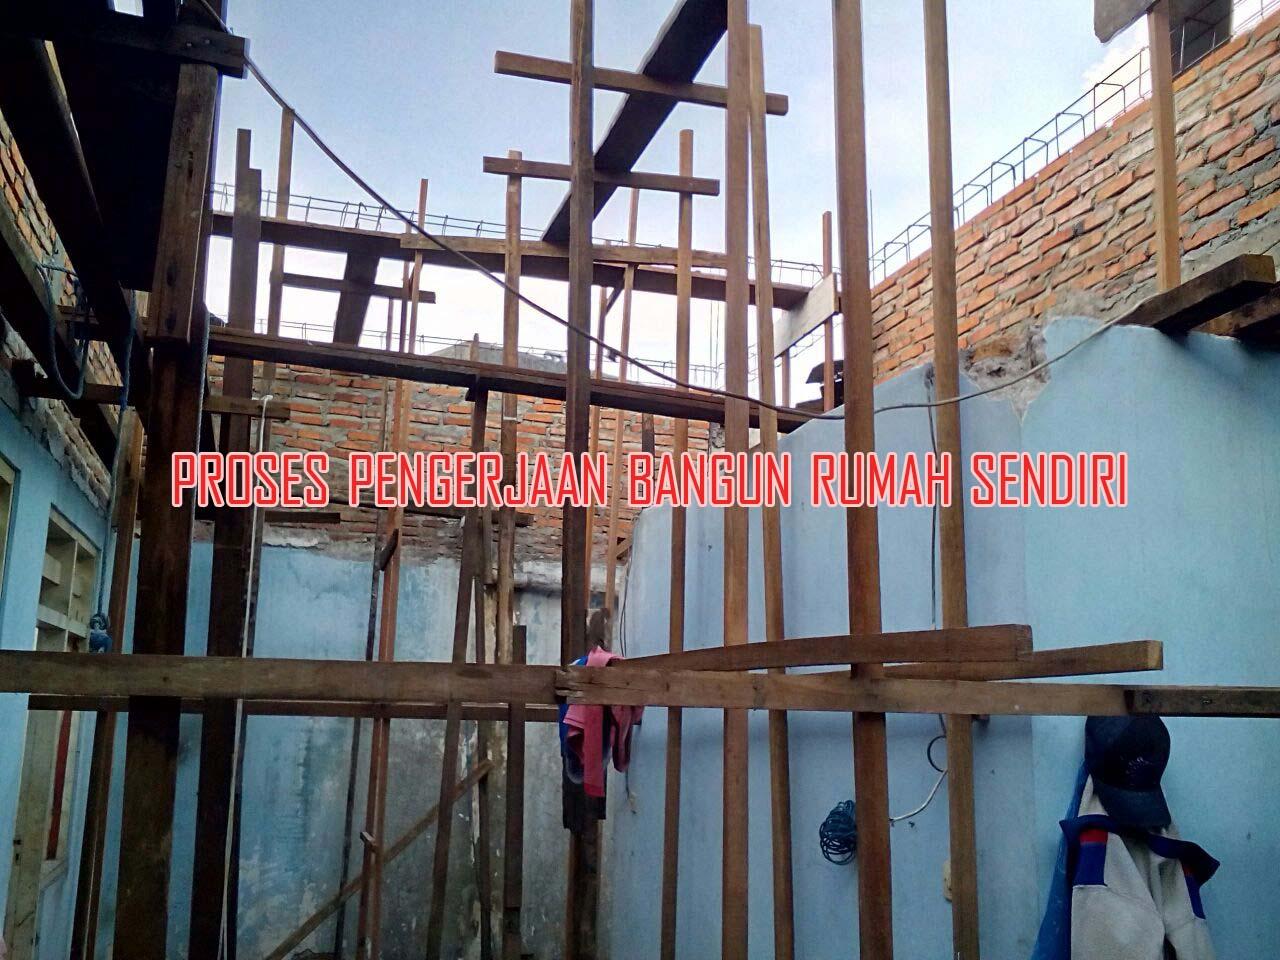 progress bangun rumah sendiri » Tips dan Trik Hemat Membangun Rumah dengan Perencanaan yang Matang